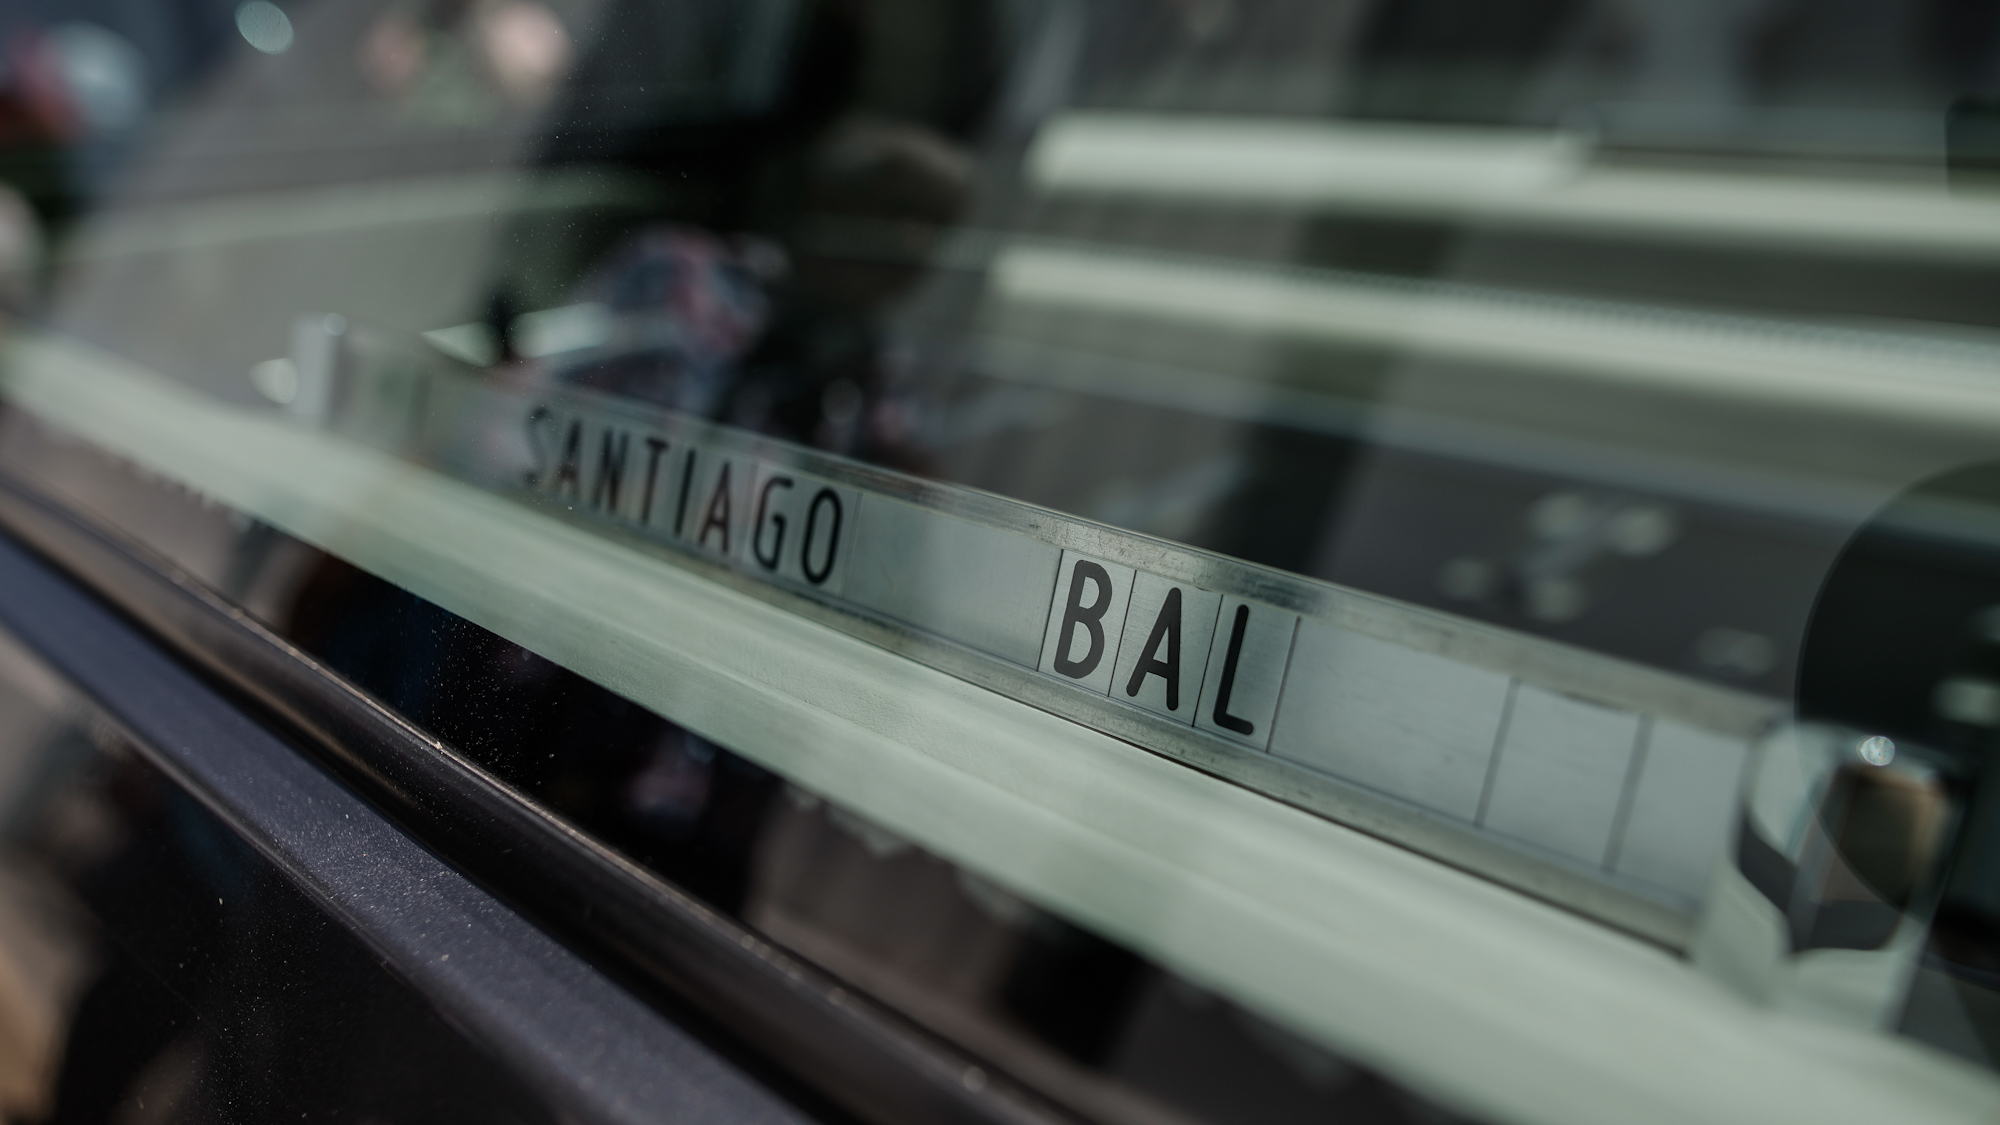 Santiago Bal murió a los 83 años en el Instituto Médico de Alta Complejidad. El artista estaba internado desde mediados de este año por problemas respiratorios y circulatorios. El velatorio se realizó en la casa funeraria O'Higgins